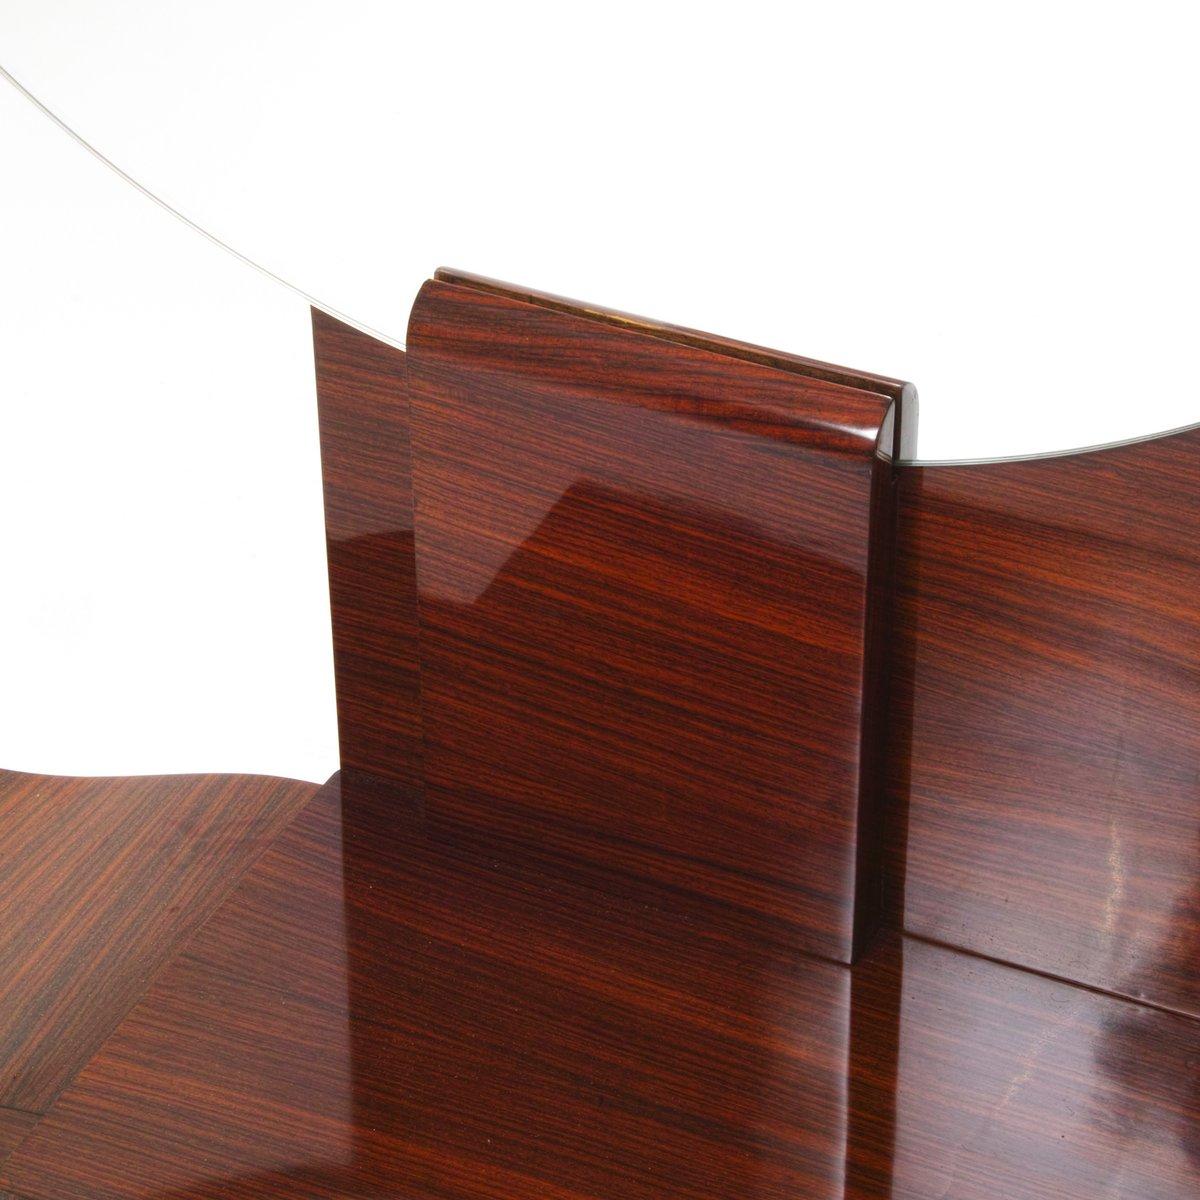 runder art deco spiegel mit ablage bei pamono kaufen. Black Bedroom Furniture Sets. Home Design Ideas